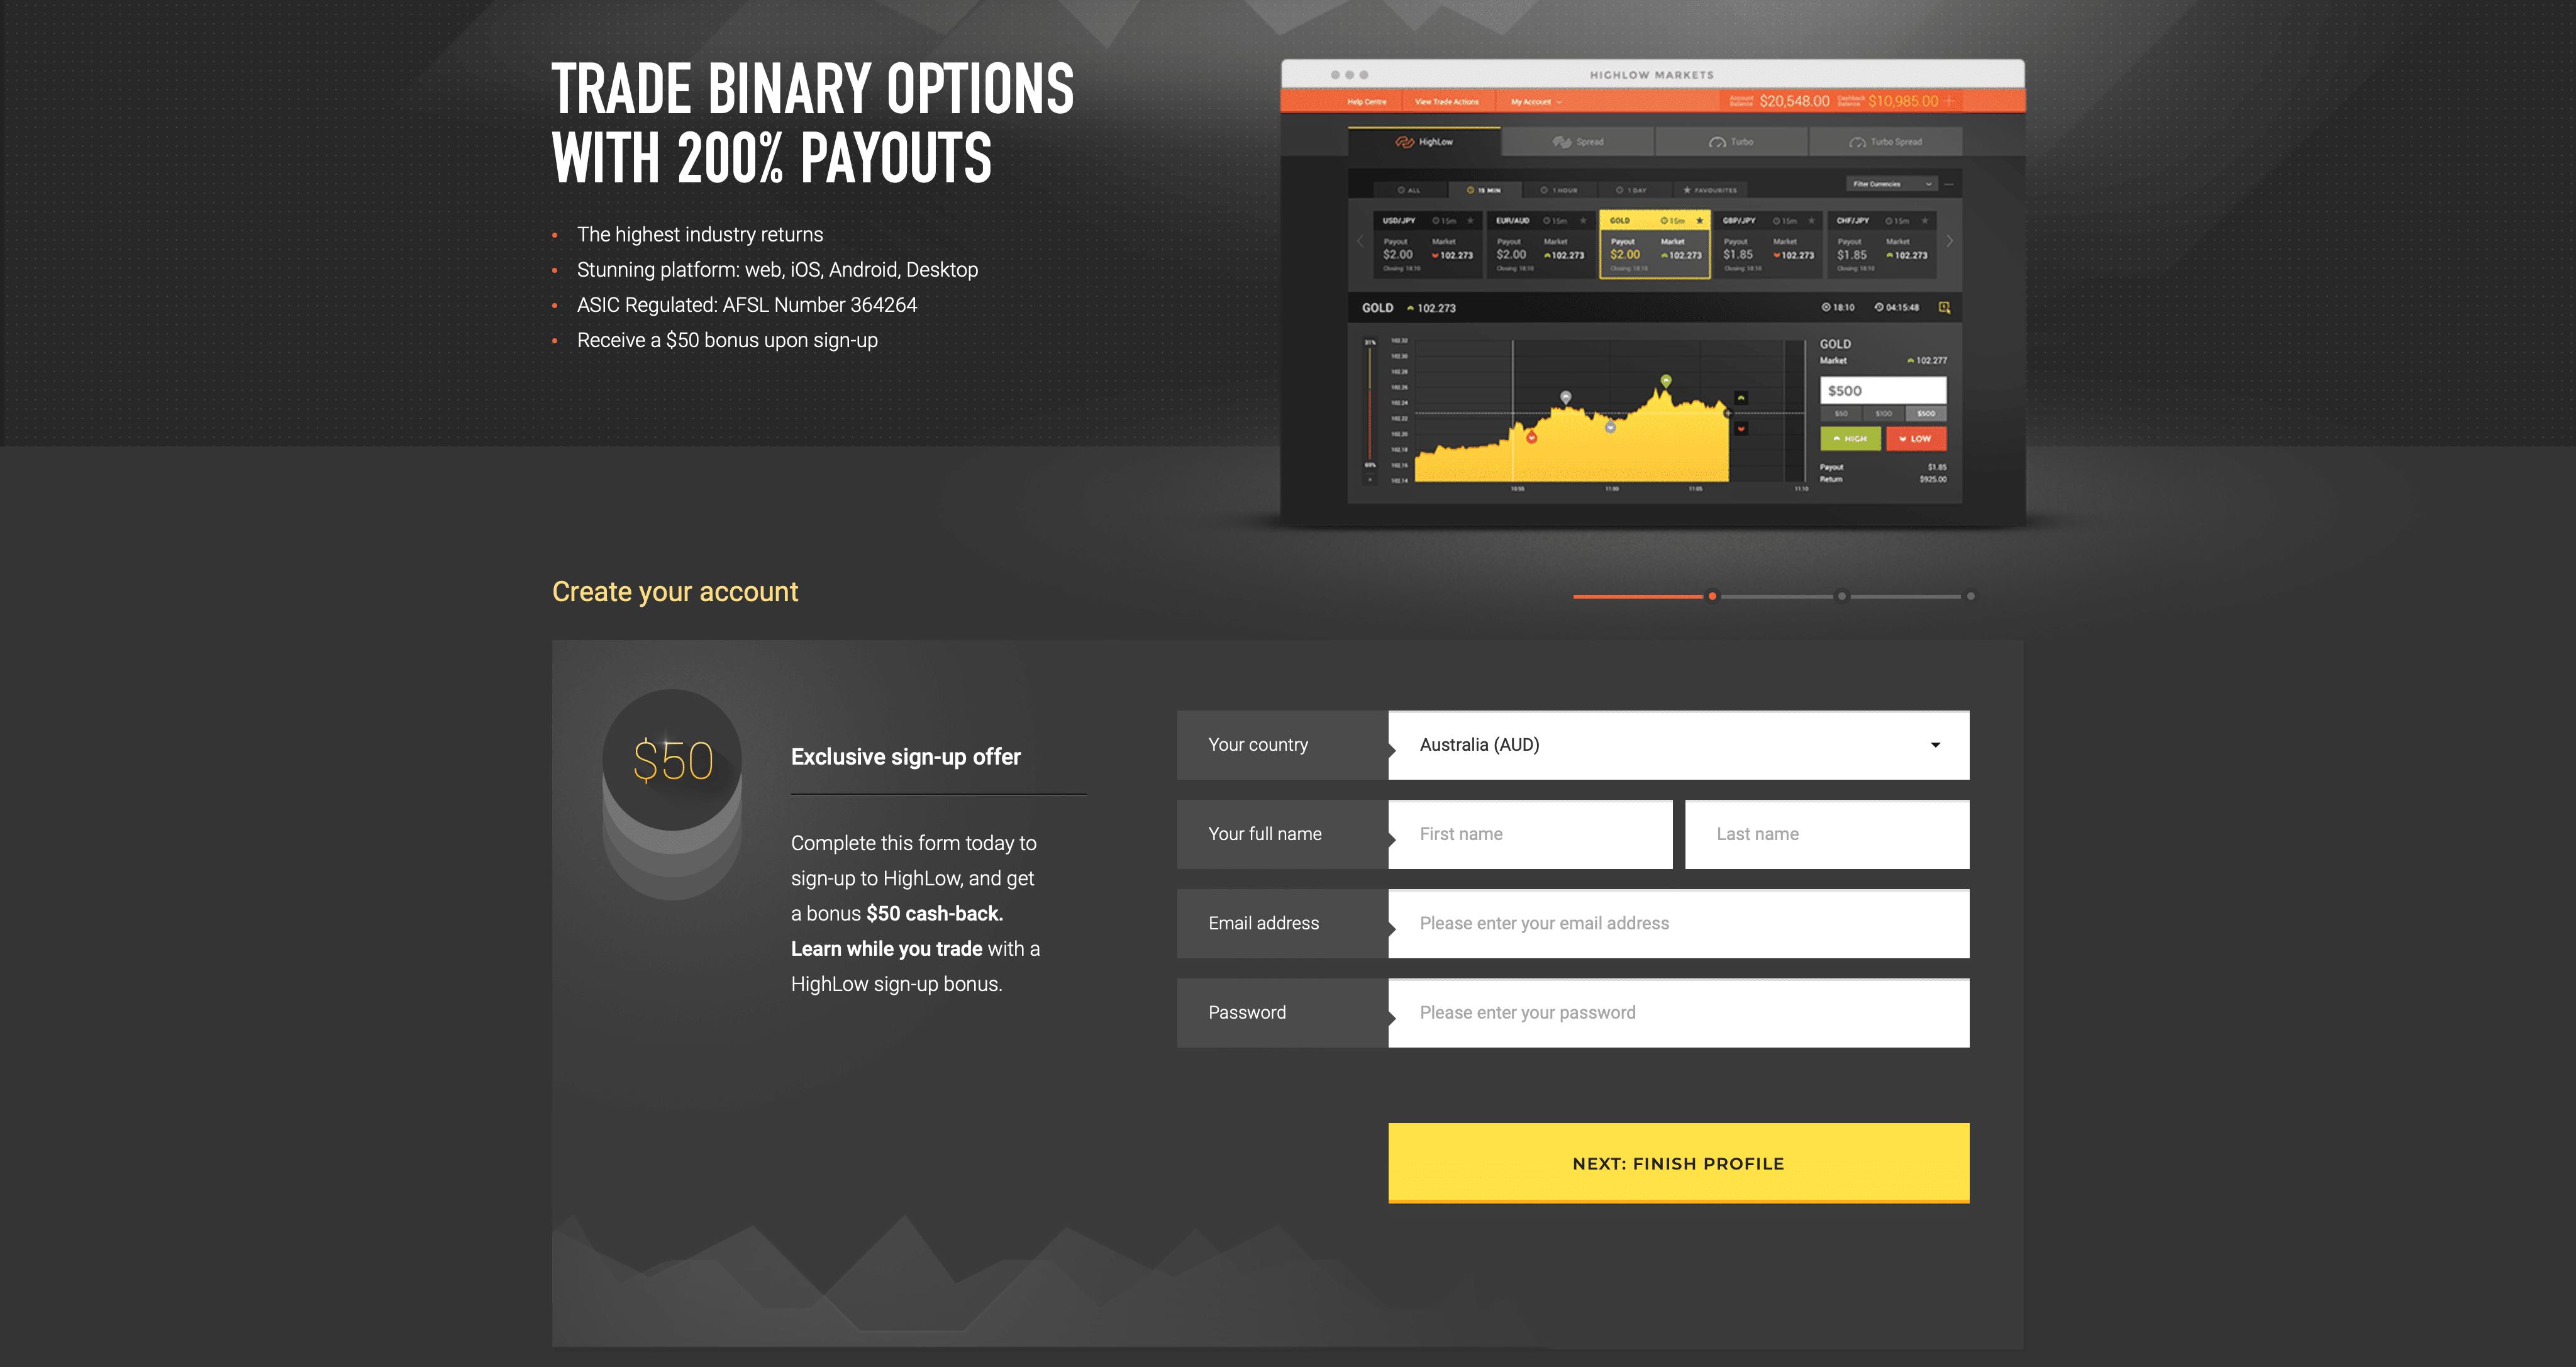 opțiuni binare decente cum poți câștiga bani într- o săptămână